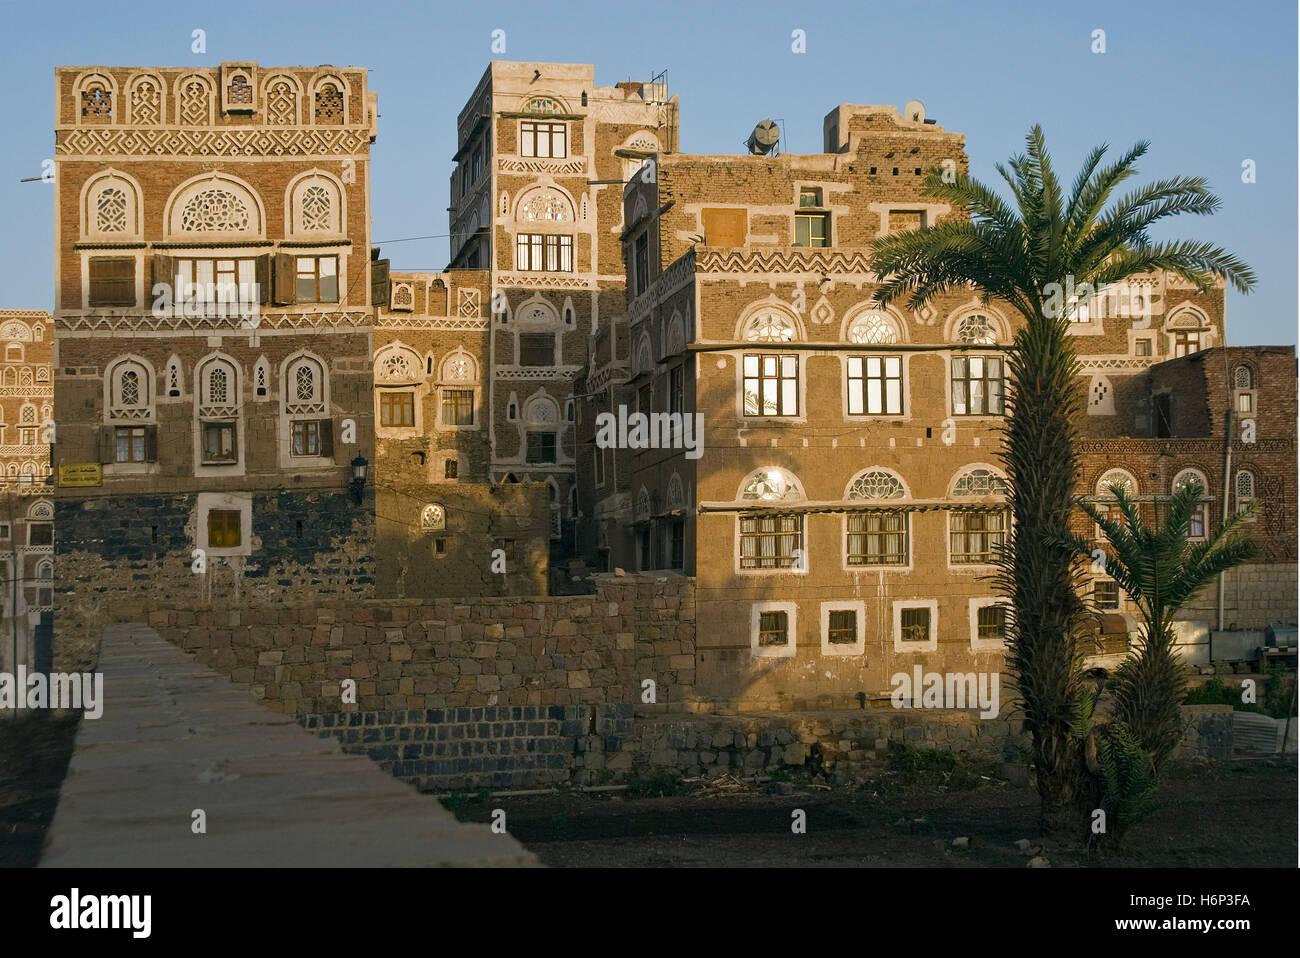 sanaa gardens,yemen - Stock Image